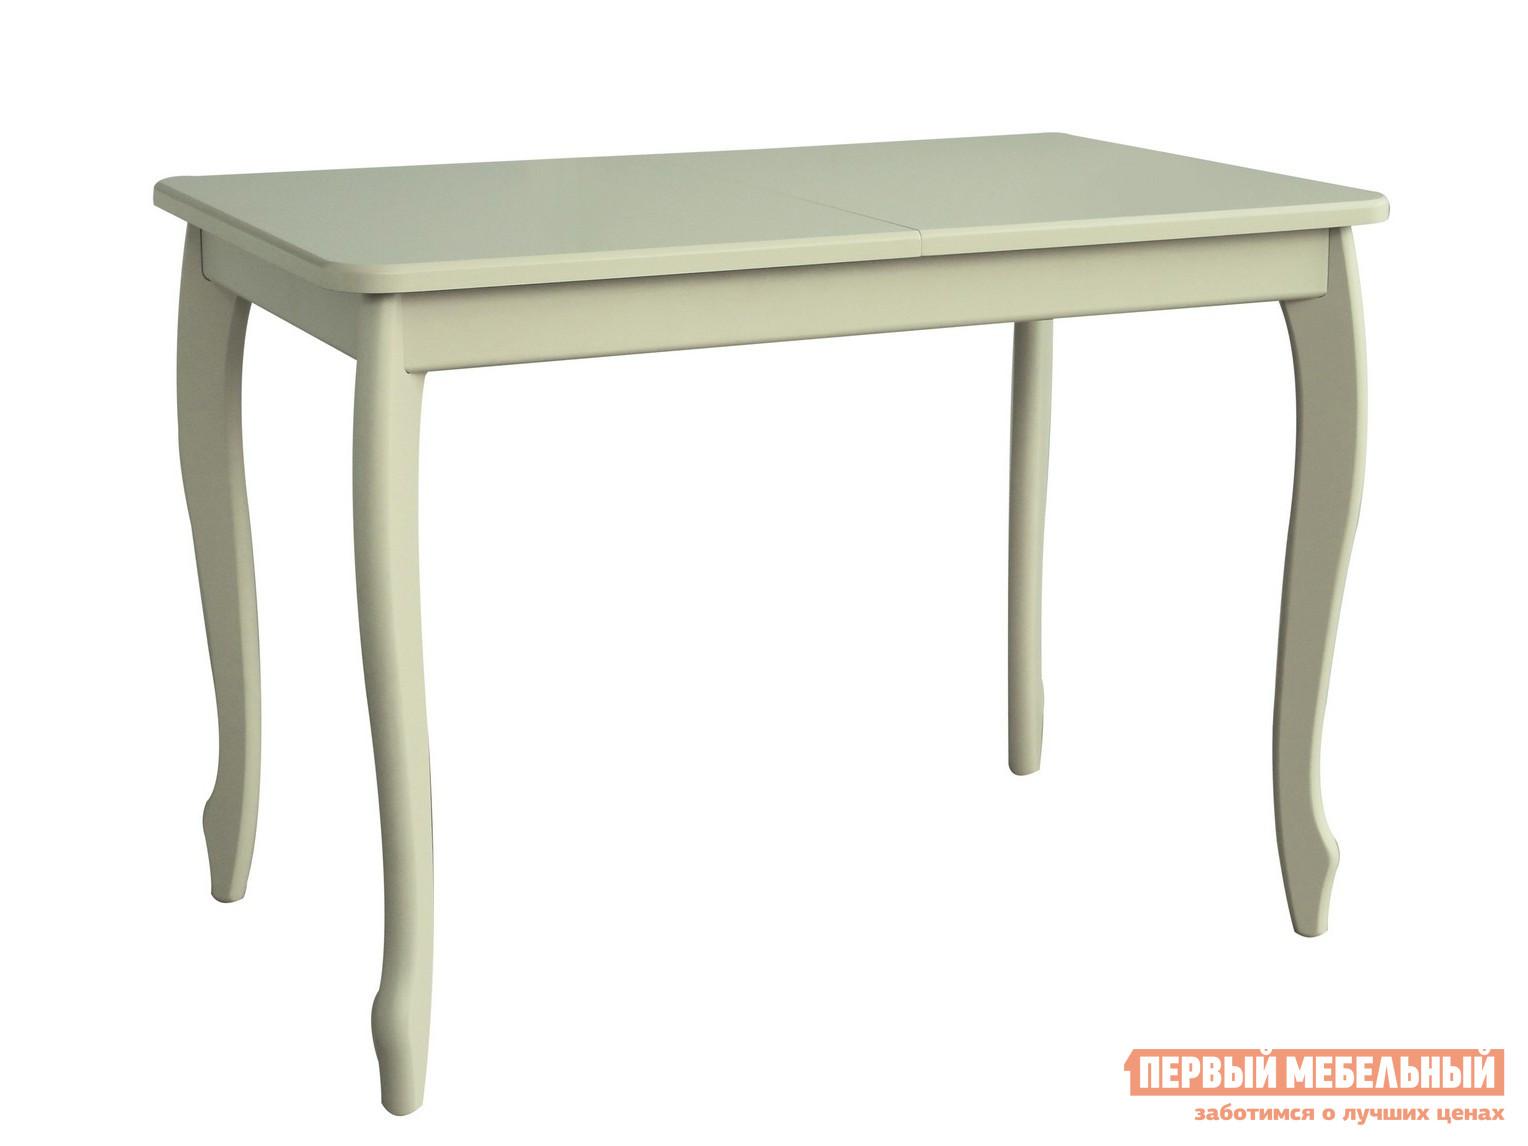 Кухонный стол Блюз 02.04 (С02 тон 320) слоновая кость Слоновая кость фото